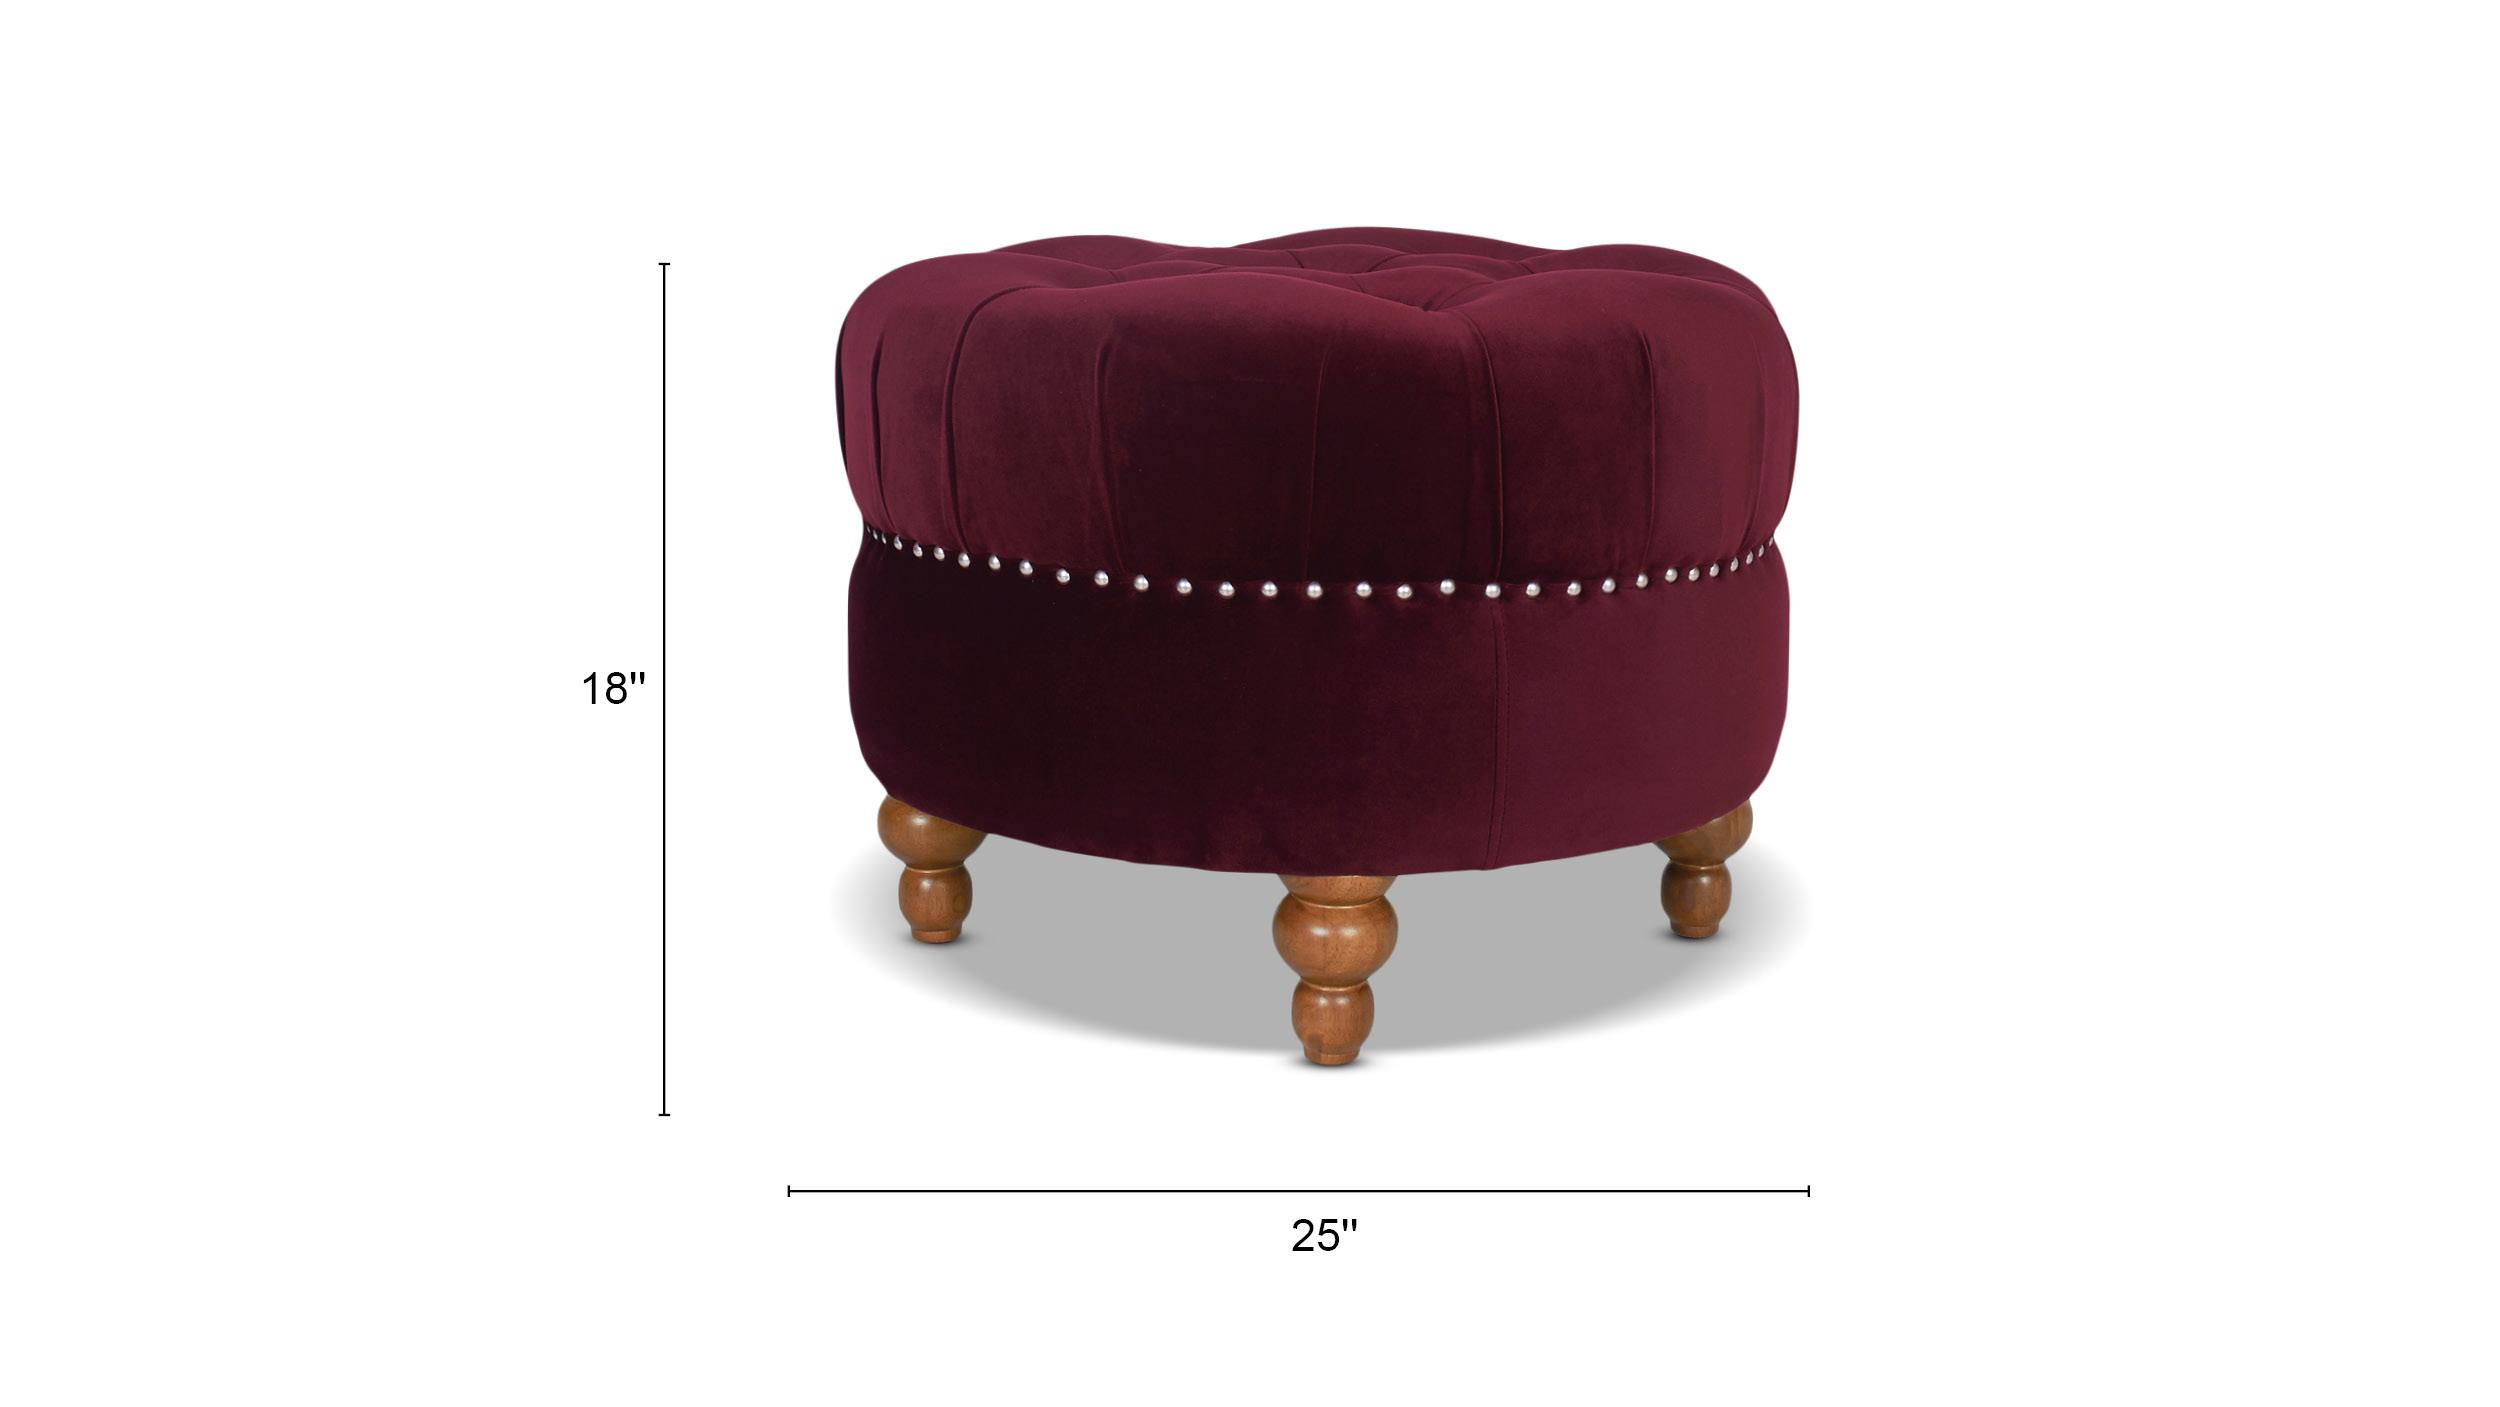 La Rosa Tufted Round Ottoman